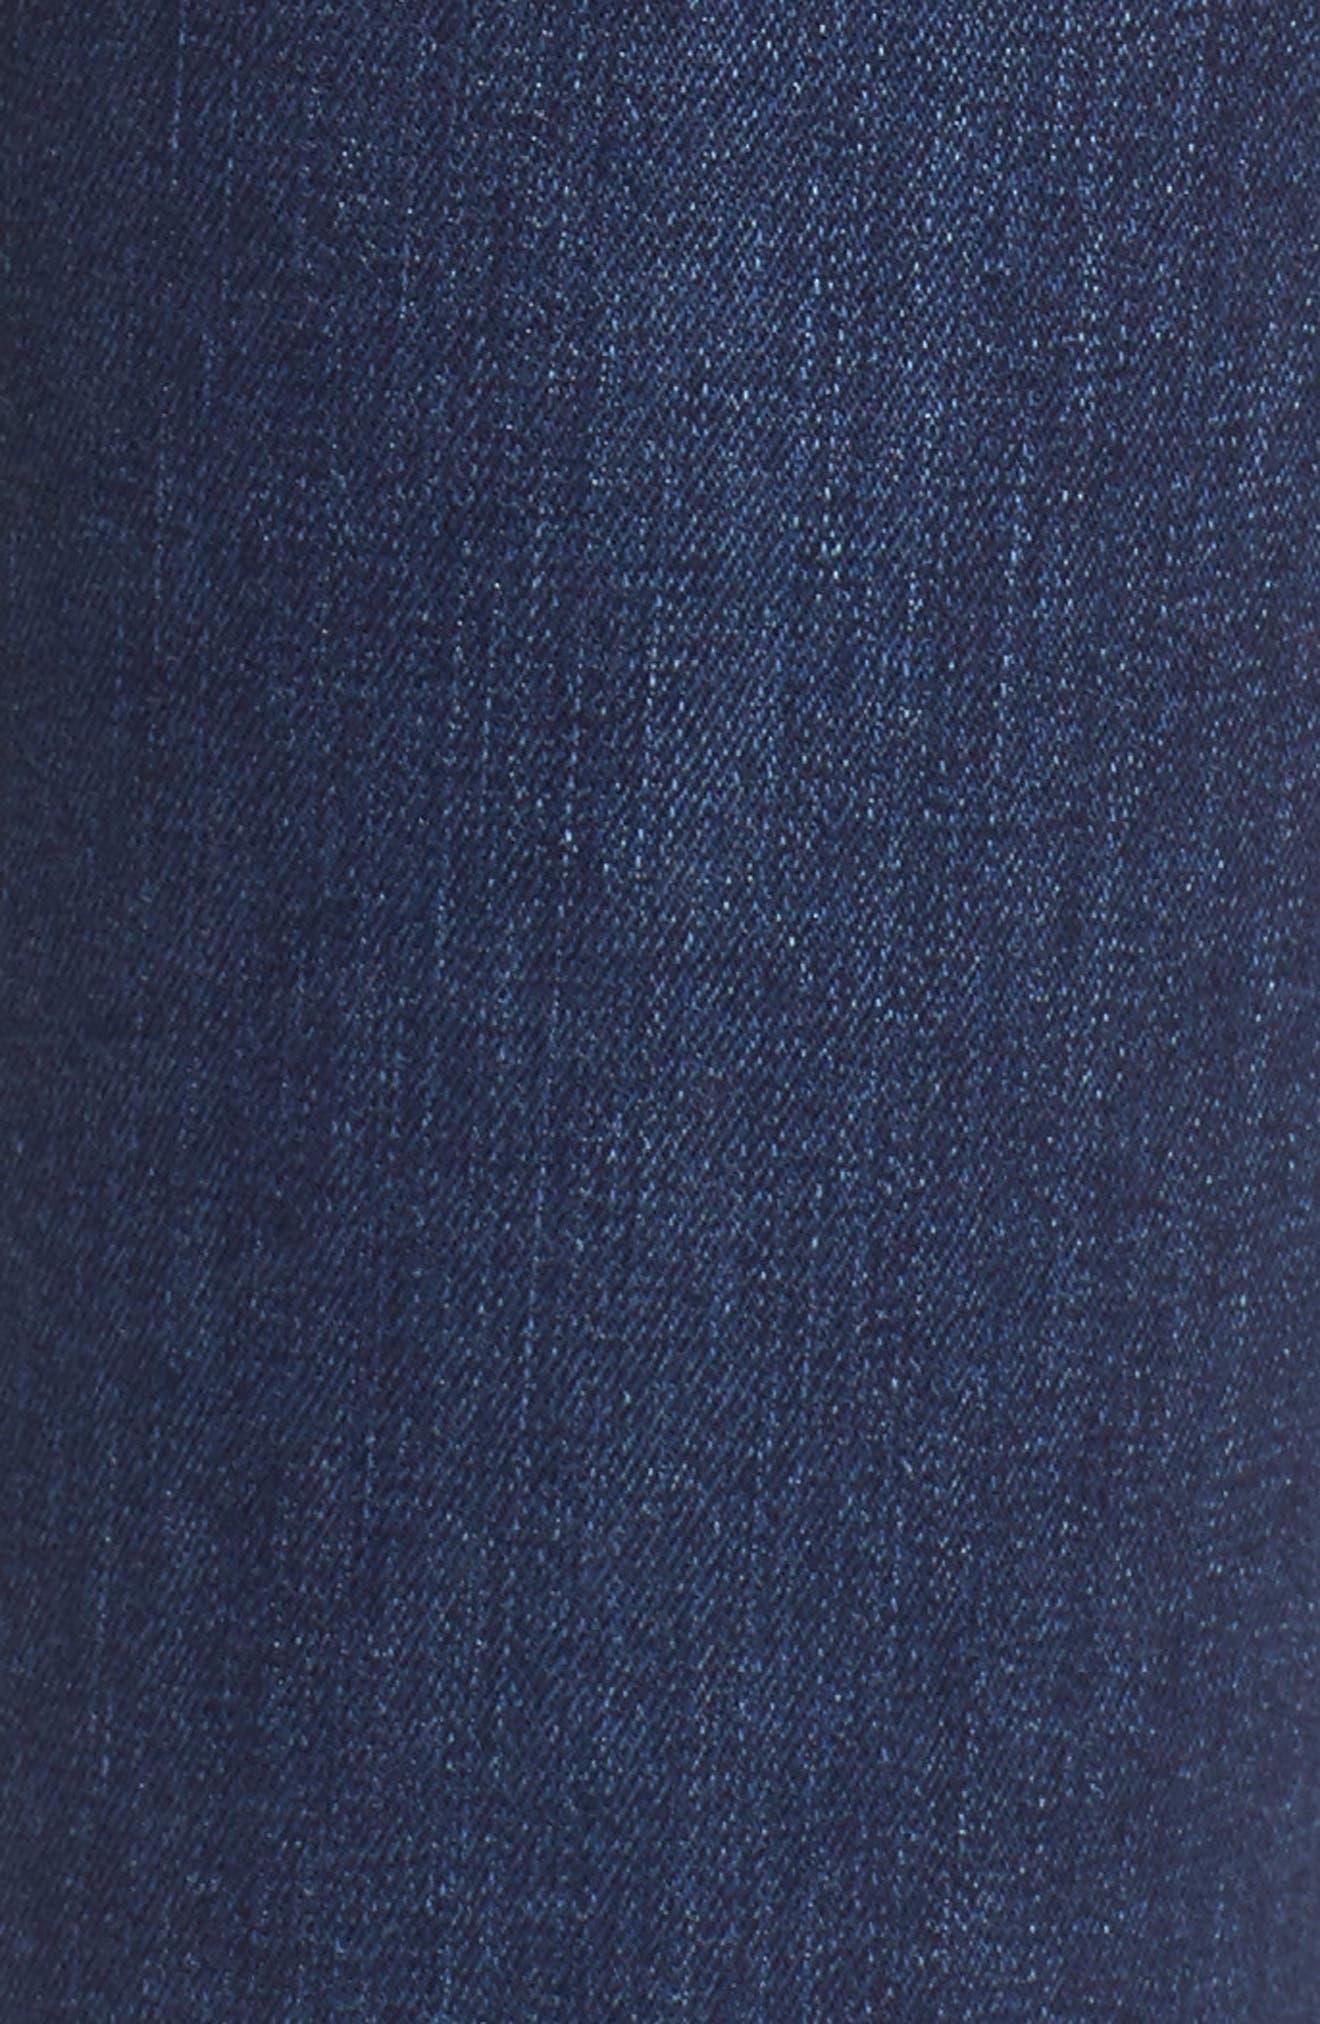 Transcend - Skyline Crop Skinny Jeans,                             Alternate thumbnail 6, color,                             Kylen